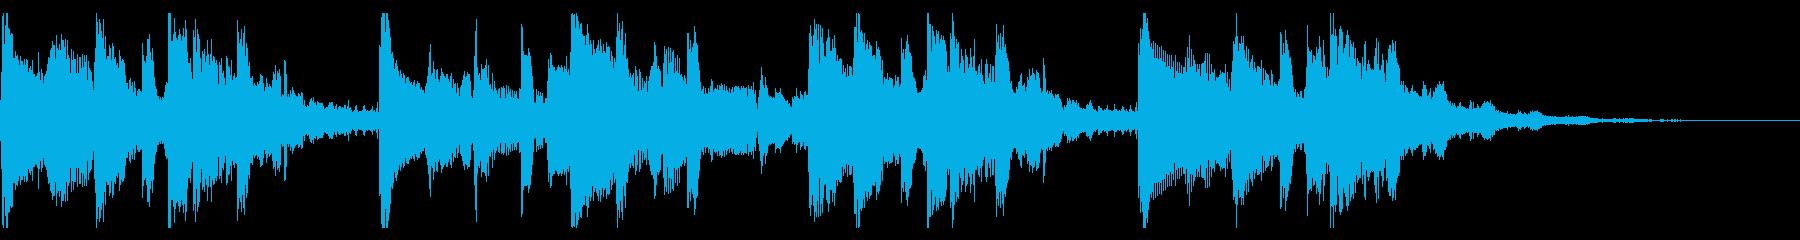 ショート Lofi Trap イントロ曲の再生済みの波形